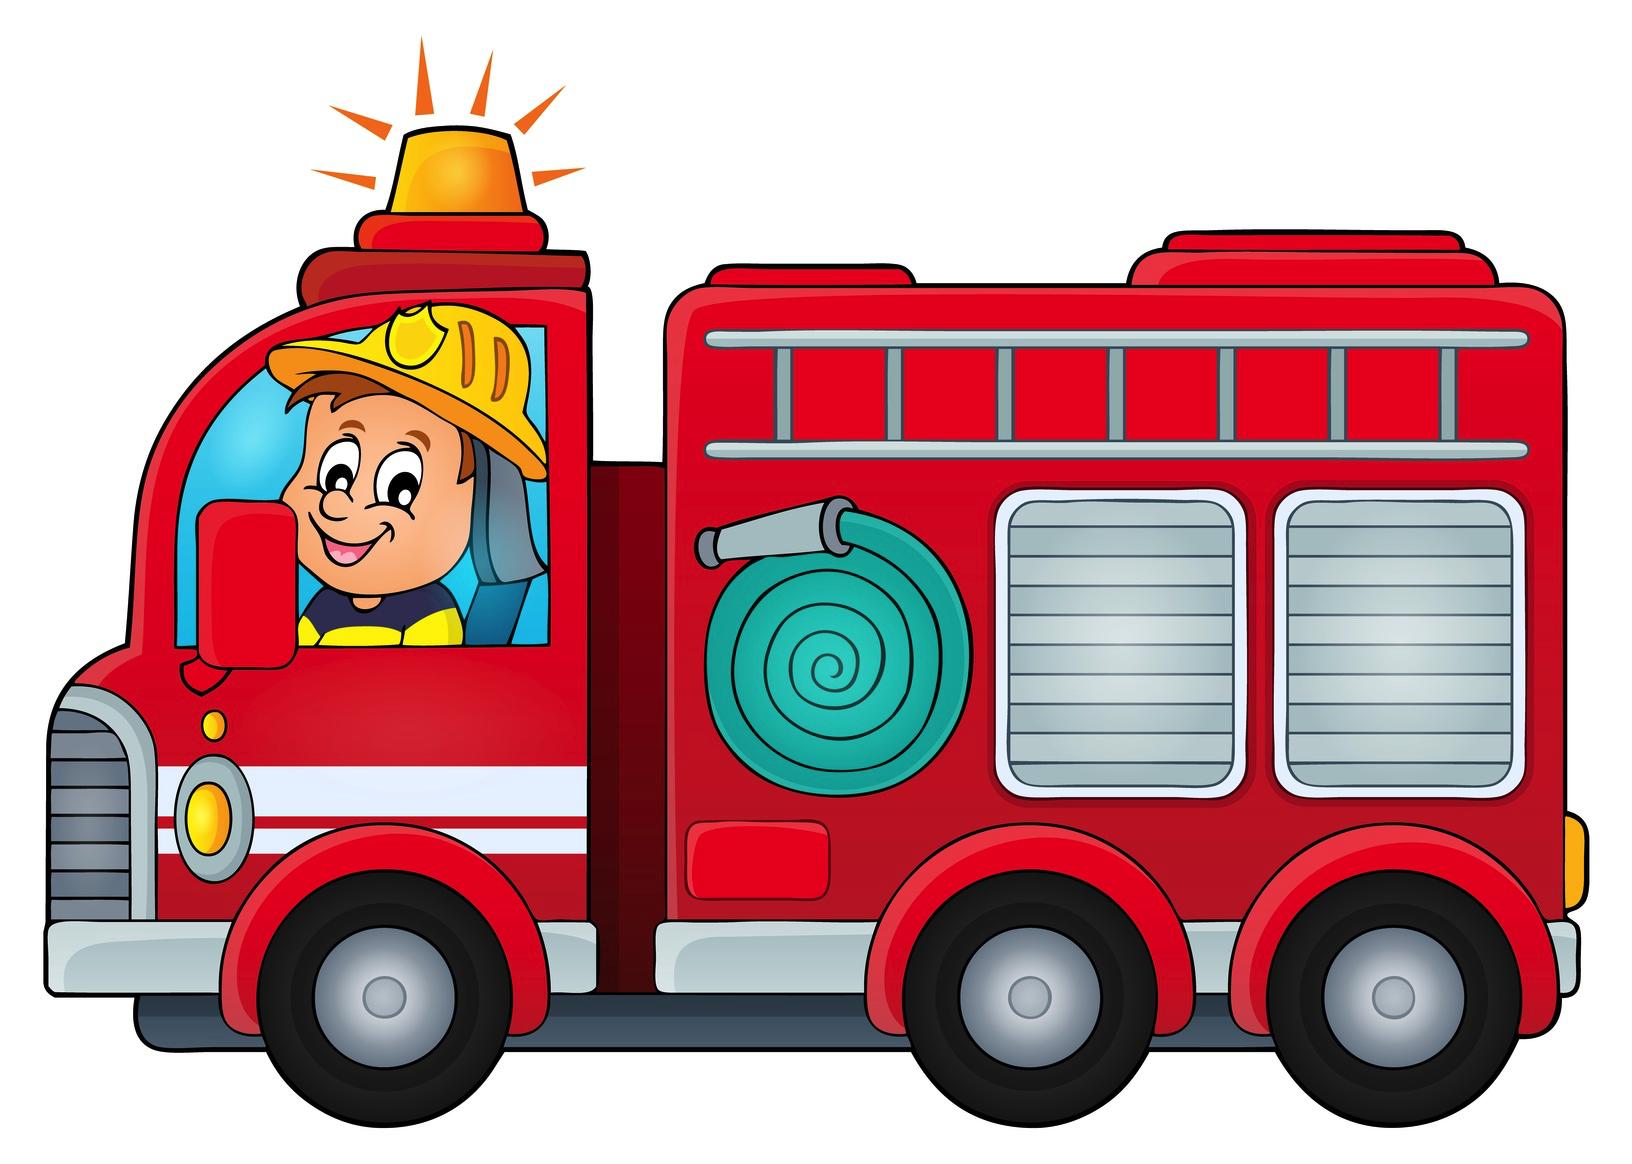 Pin Von Jacqueline Schaller Auf Kinder In 2020 (Mit Bildern über Clipart Feuerwehrauto